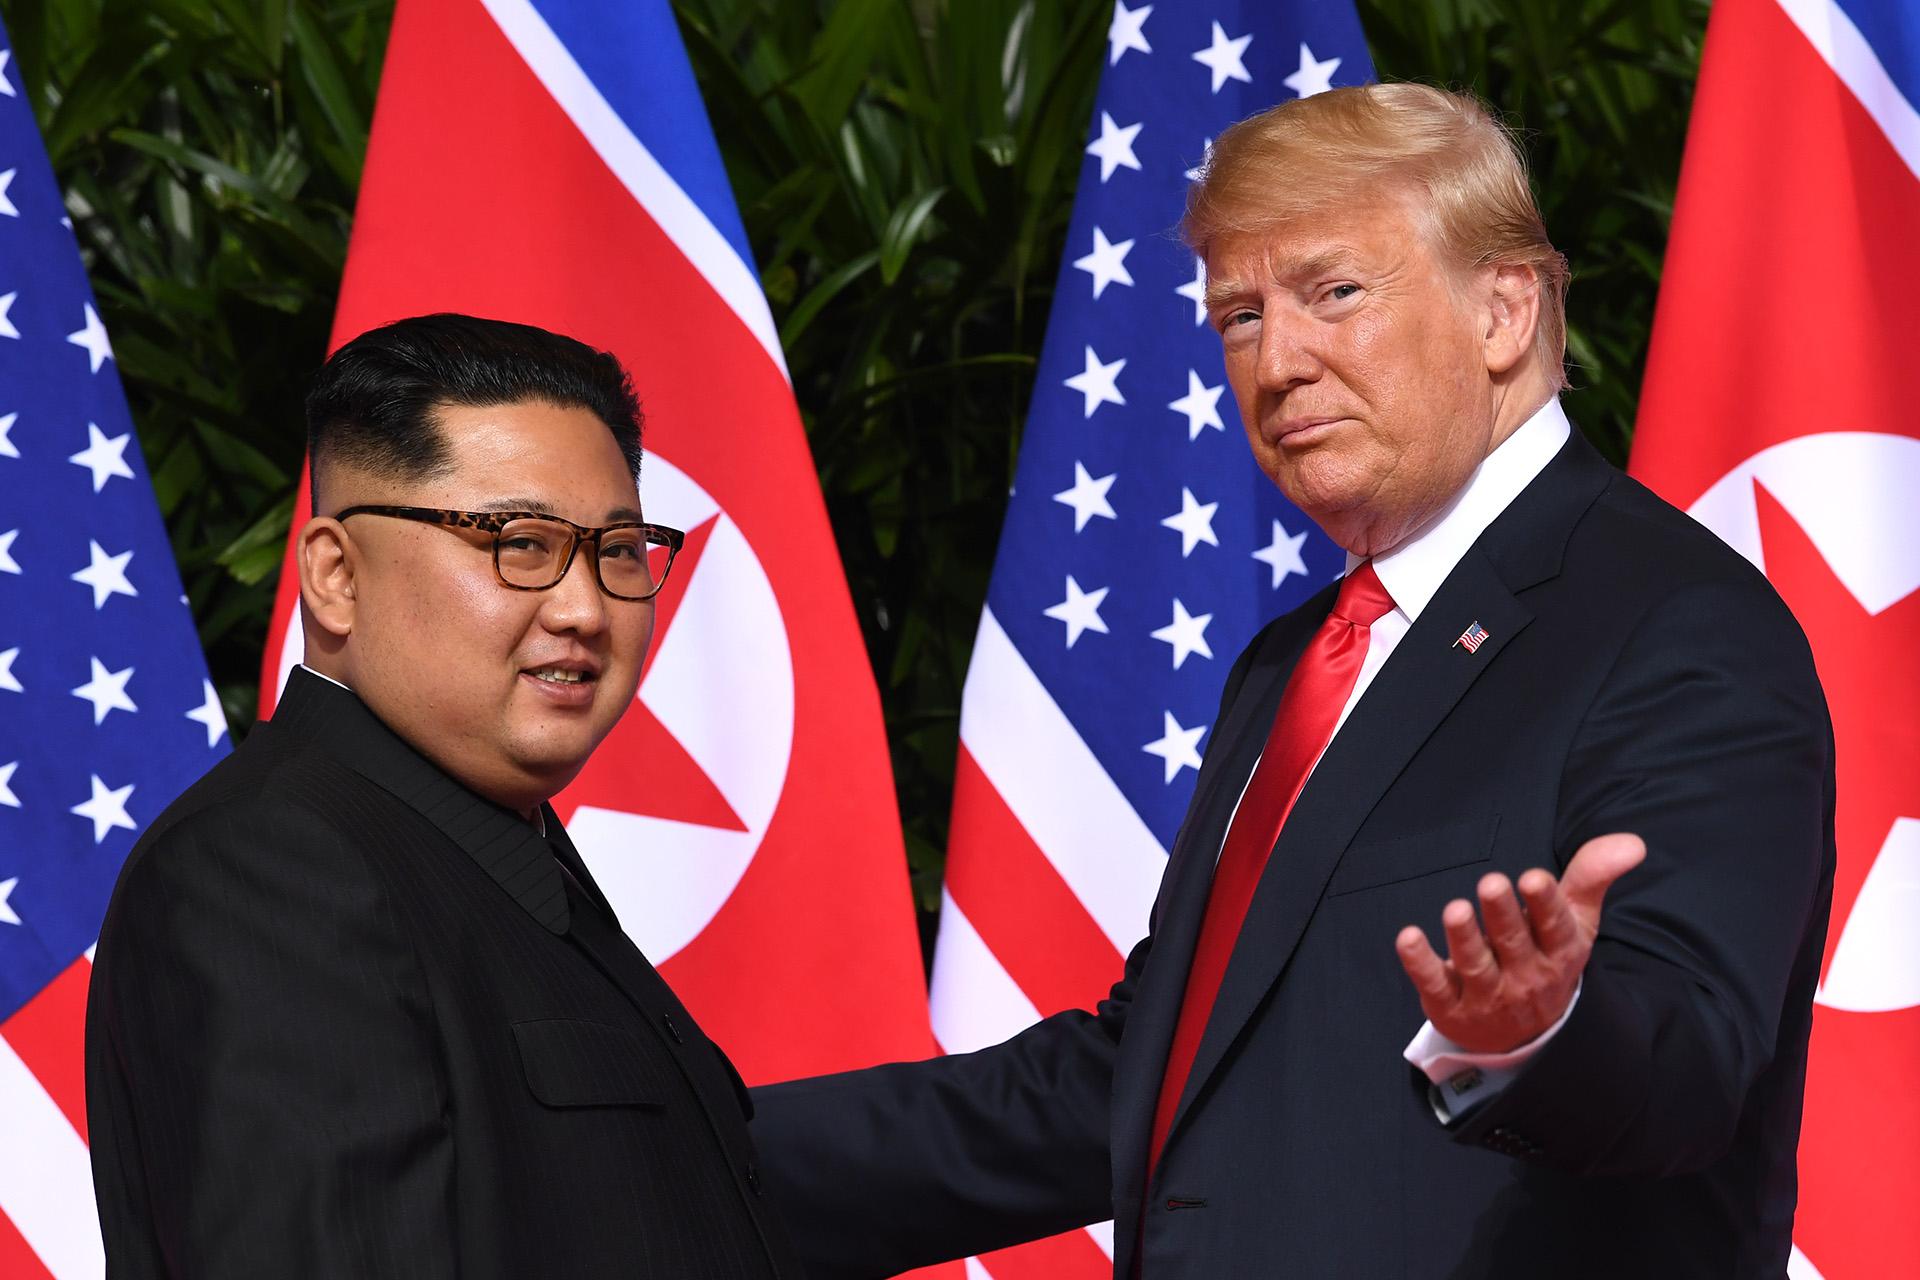 El histórico saludo entre Donald Trump y el dictador norcoreano Kim Jong Un, durante el encuentro que mantuvieron en la isla Sentosa de Singapur el12 de junio (SAUL LOEB / AFP)